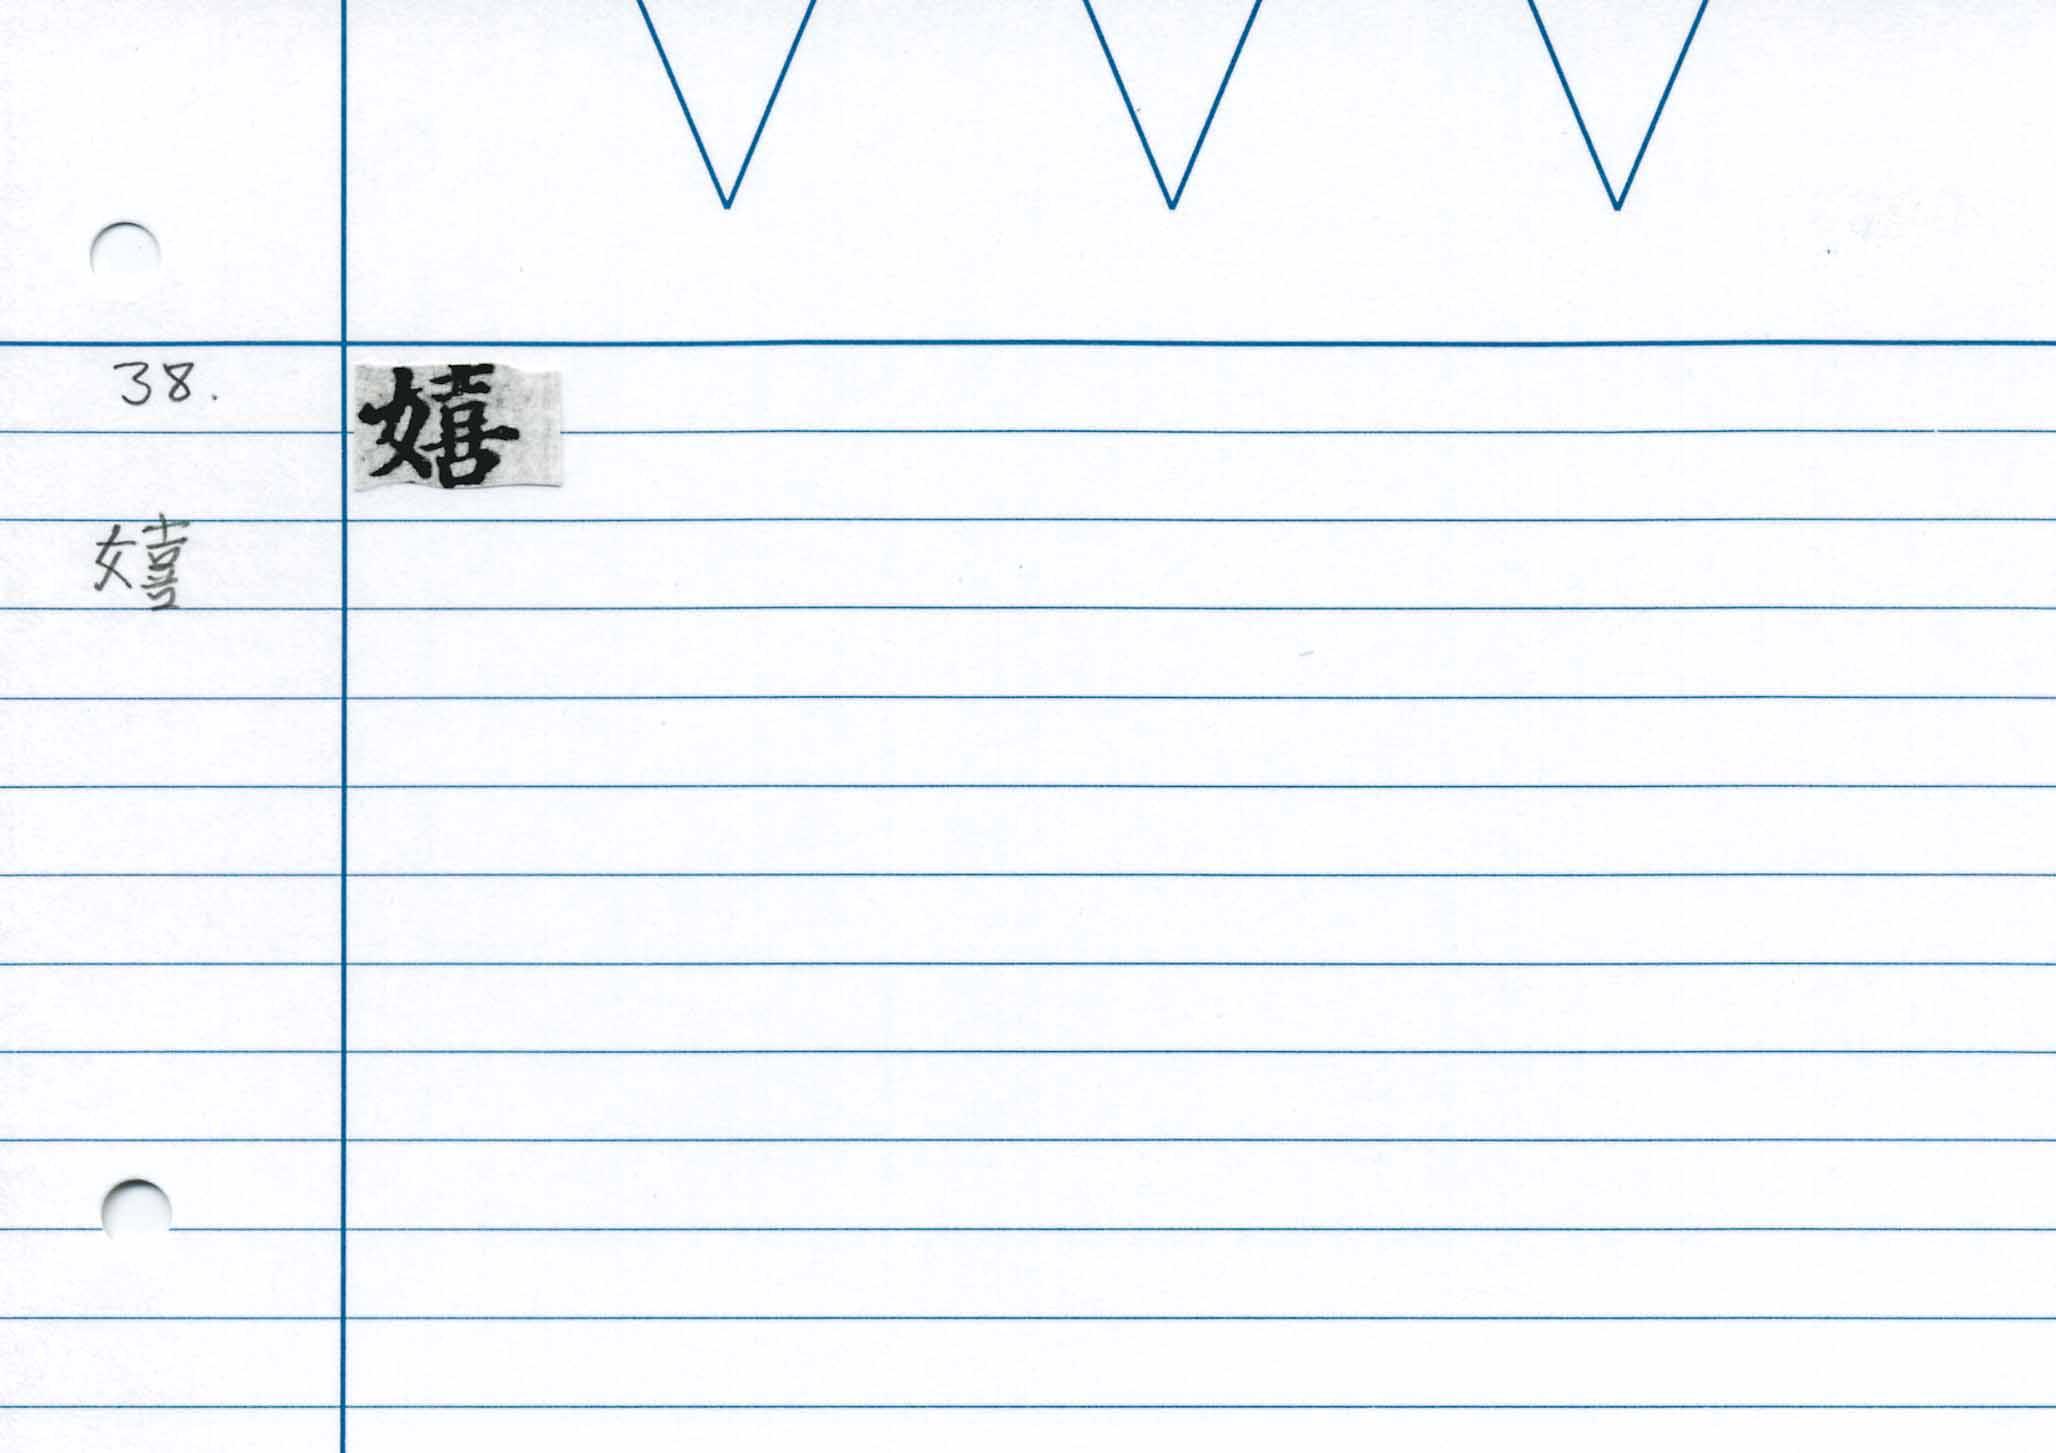 68_藥師功徳經/cards/0066.jpg